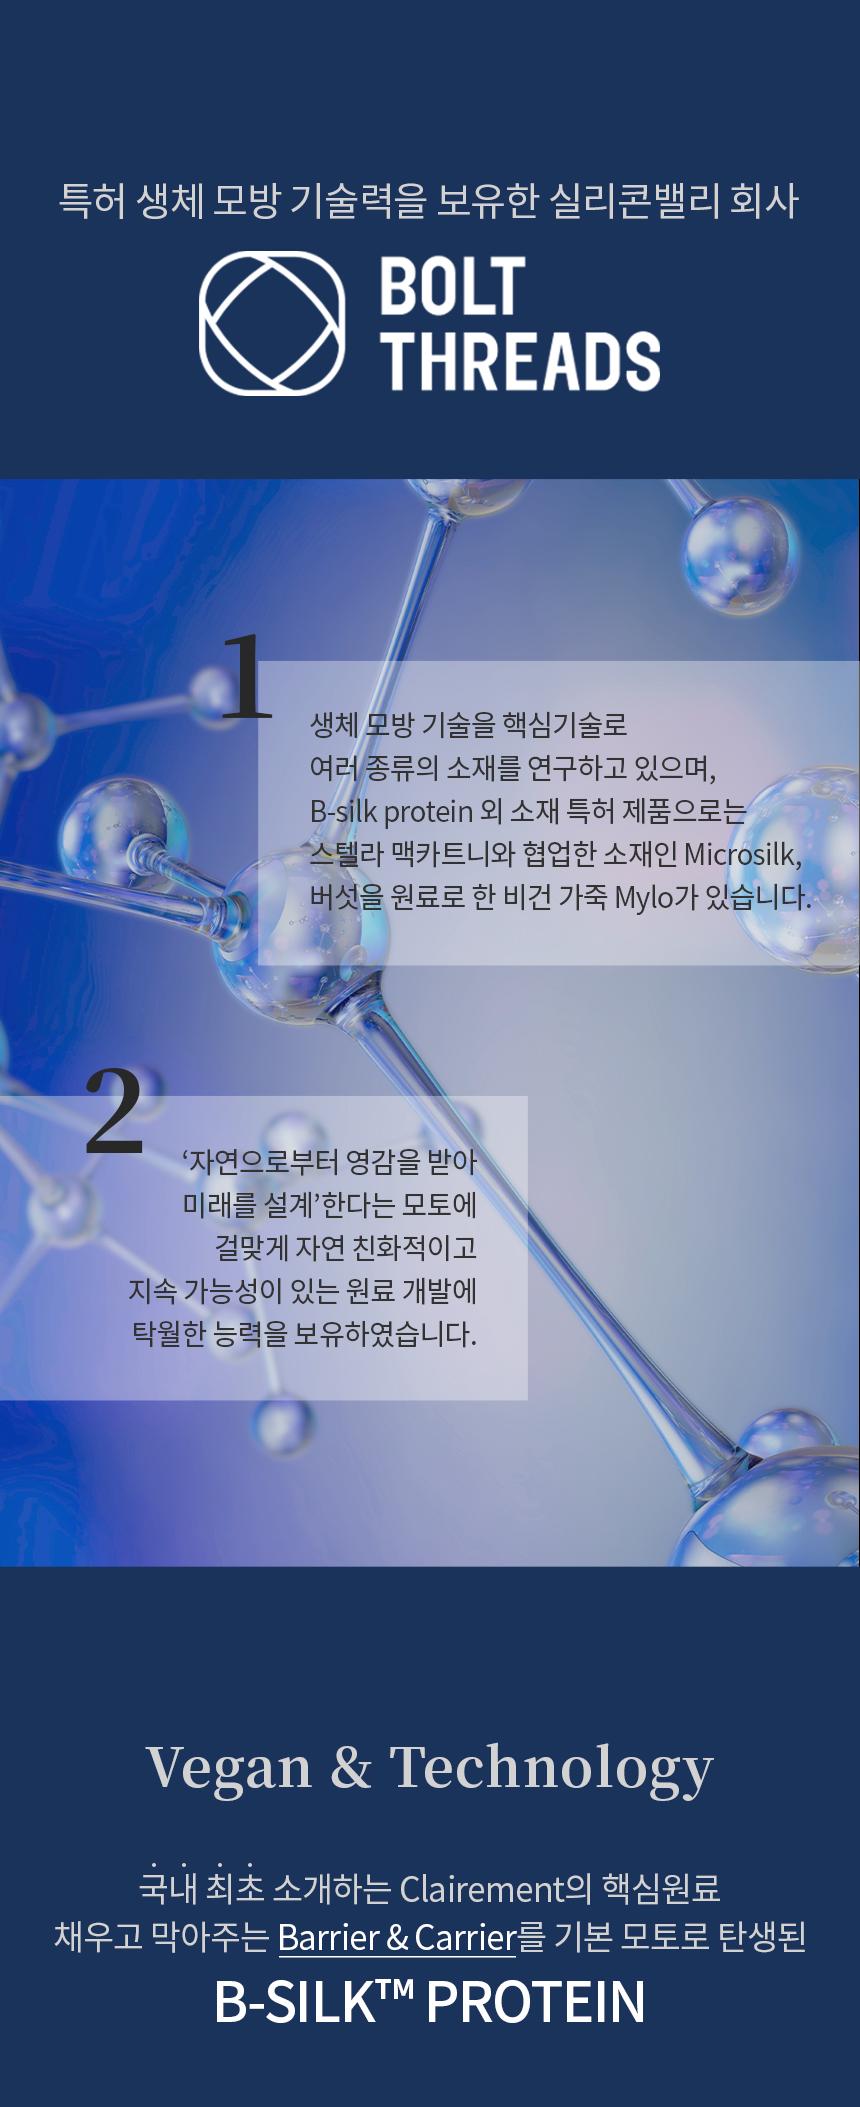 _clairement_2_bsilkprotein_01.jpg